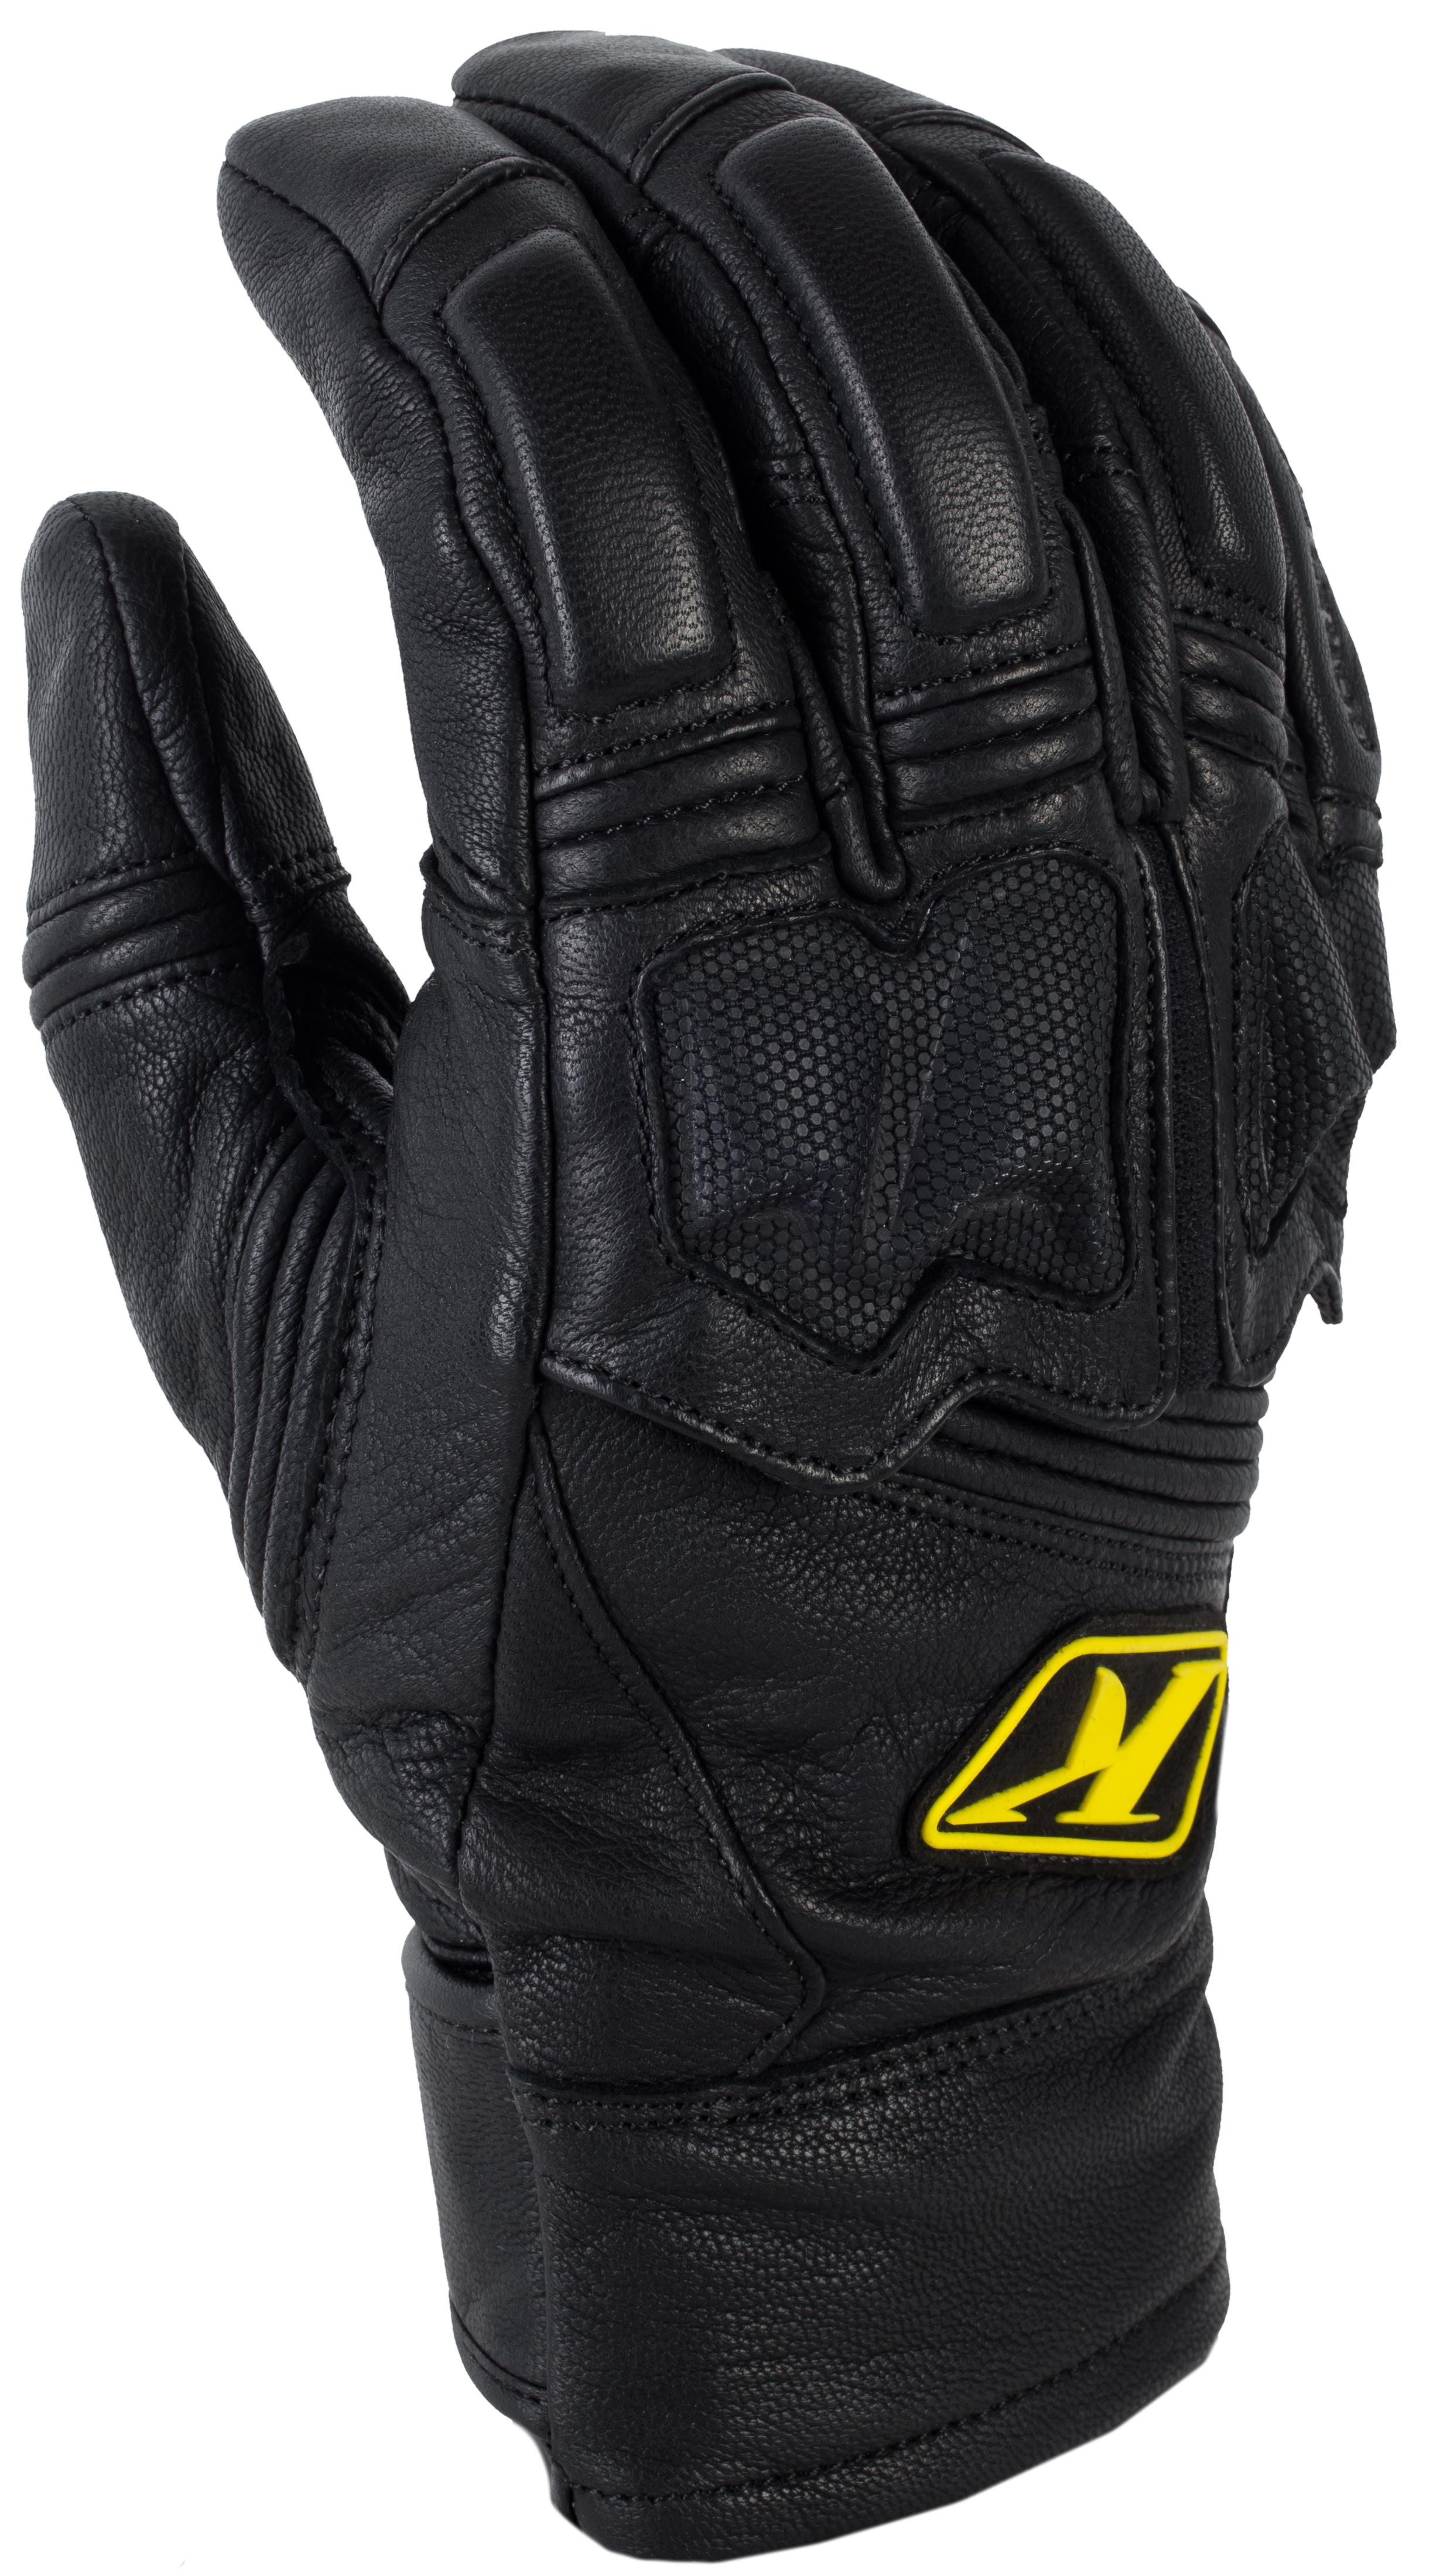 Adventure Glove Short 5031-001-000